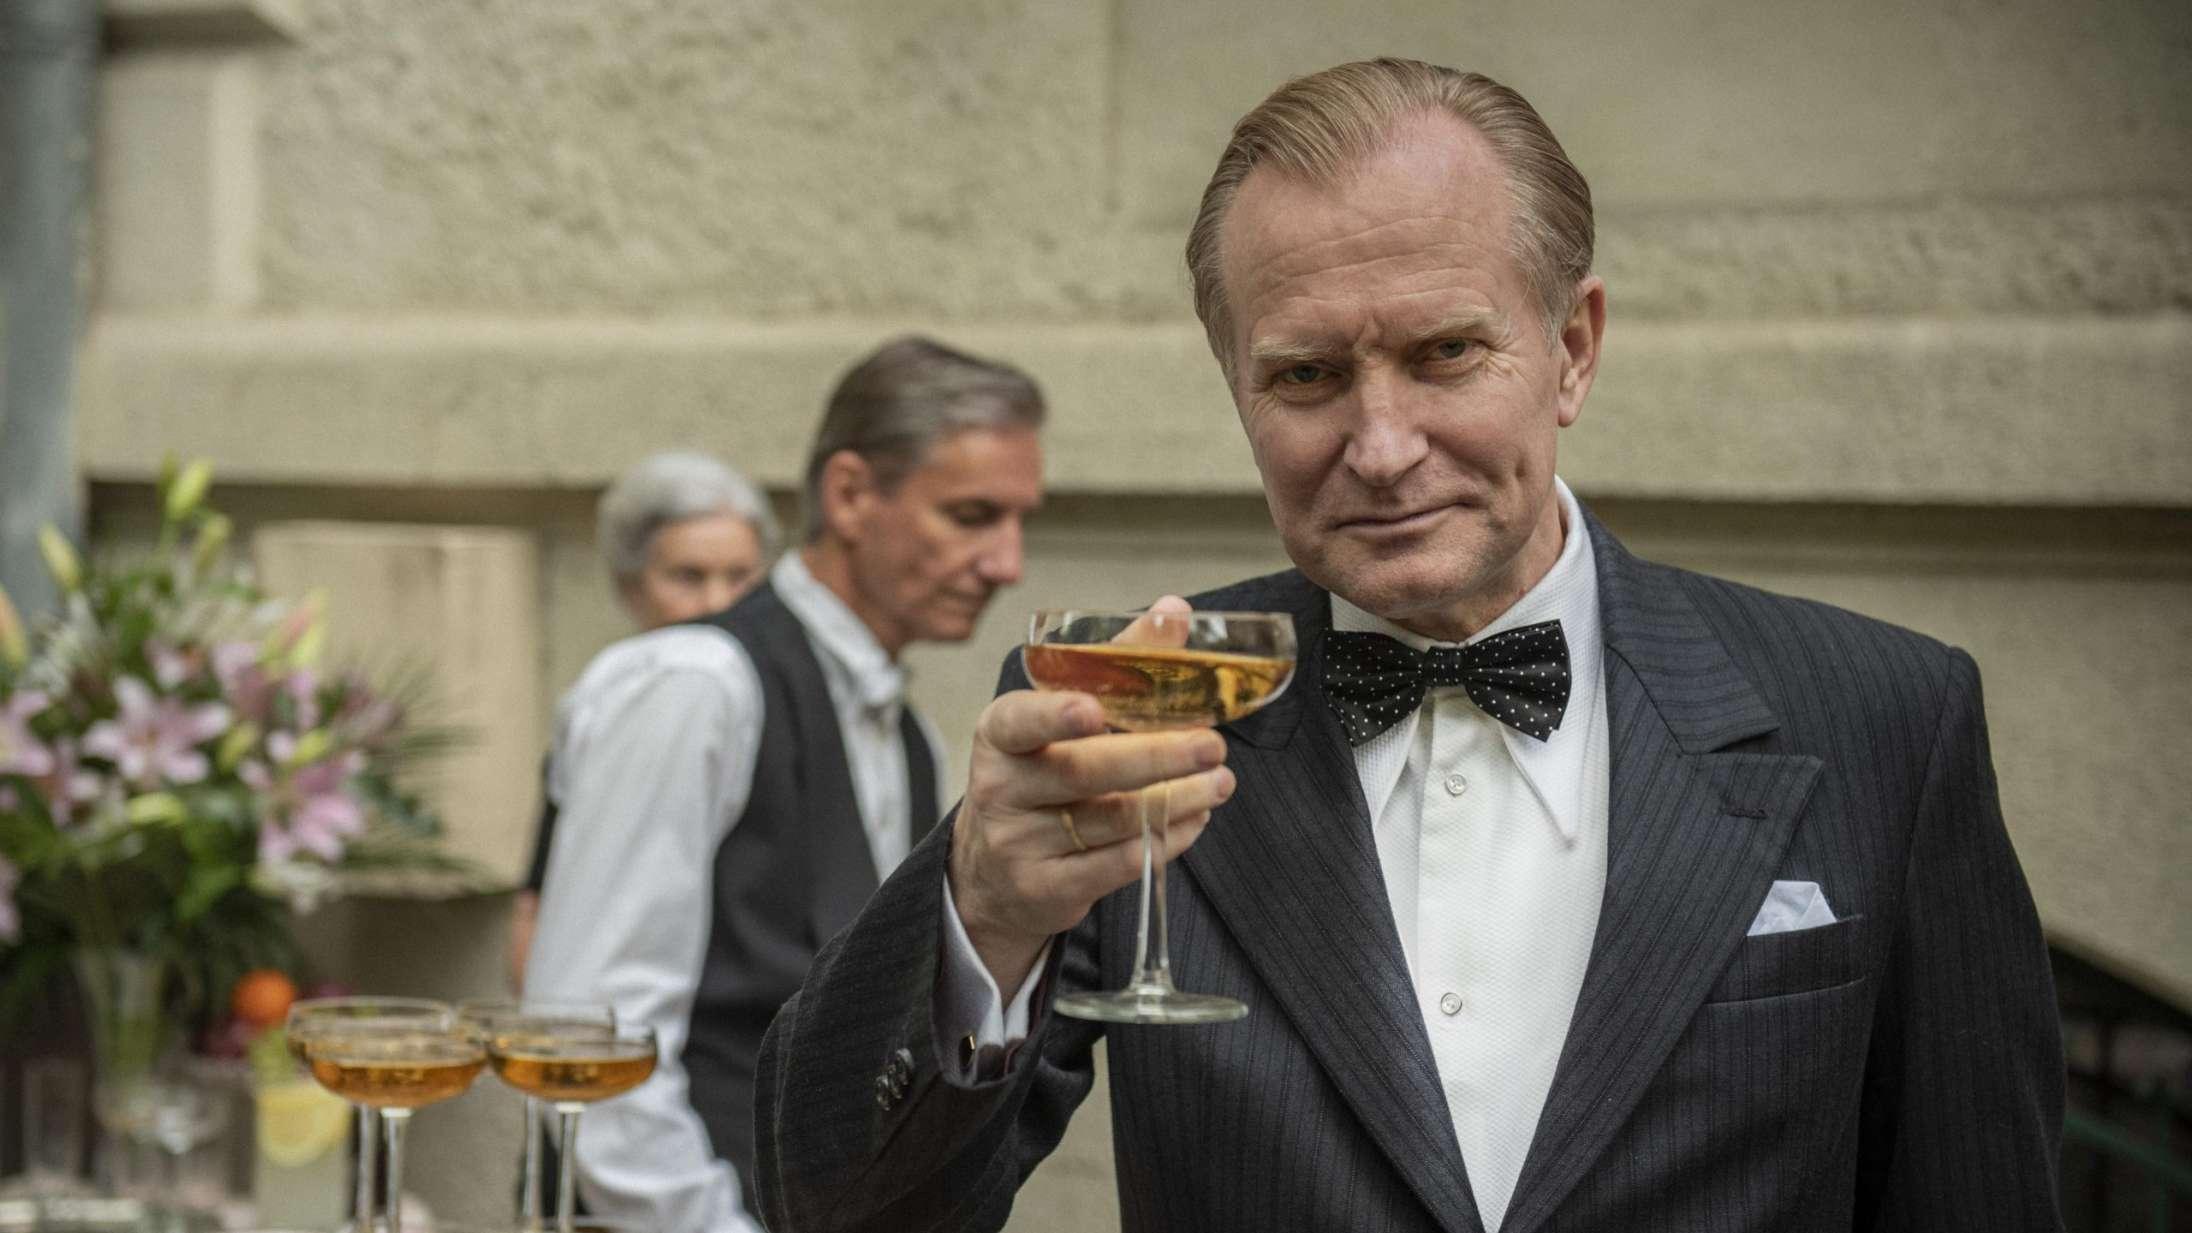 'Vores mand i Amerika': Ulrich Thomsens komplekse helt fascinerer i ny dansk film